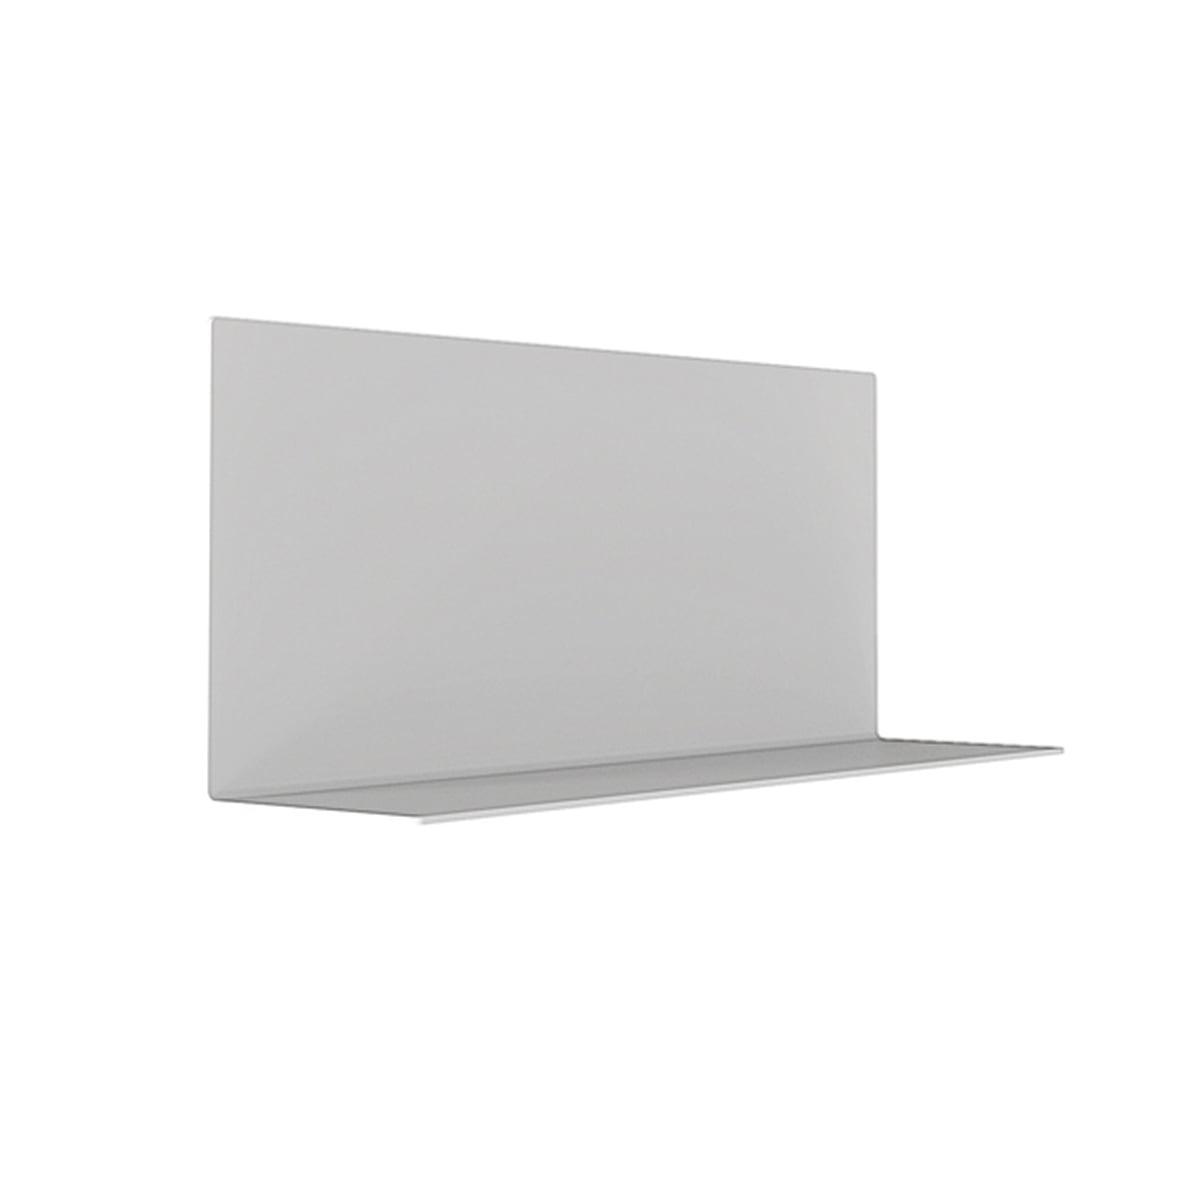 Frost - Unu Regalsystem, 250 x 600 x 150, weiß   Wohnzimmer > Regale   Weiß   Aluminium   Frost